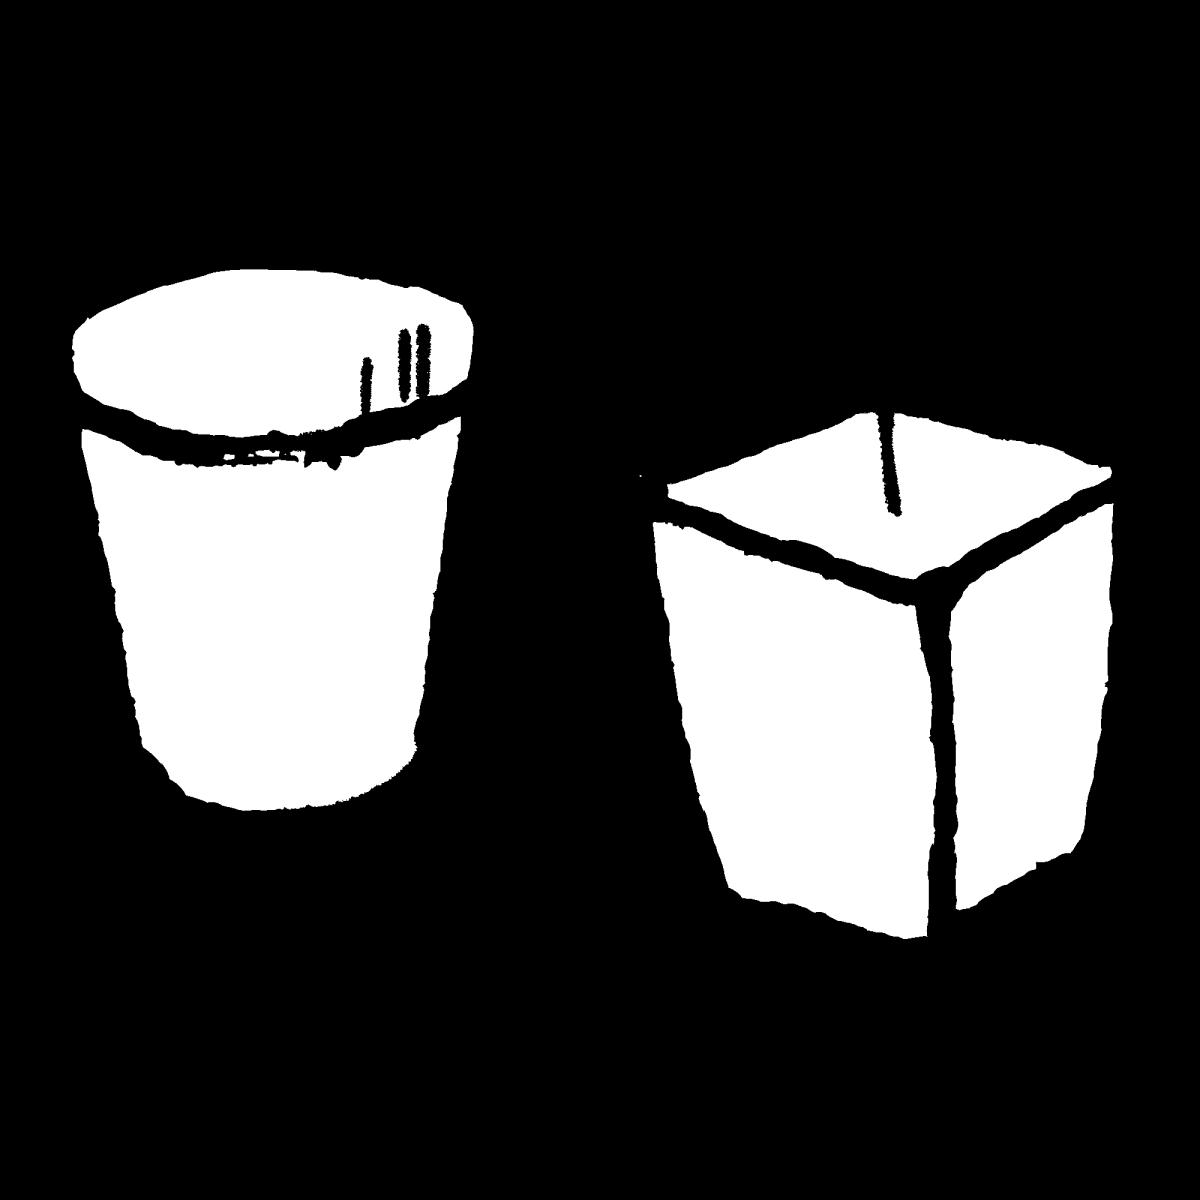 ゴミ箱 2つのイラスト / trash can Illustration